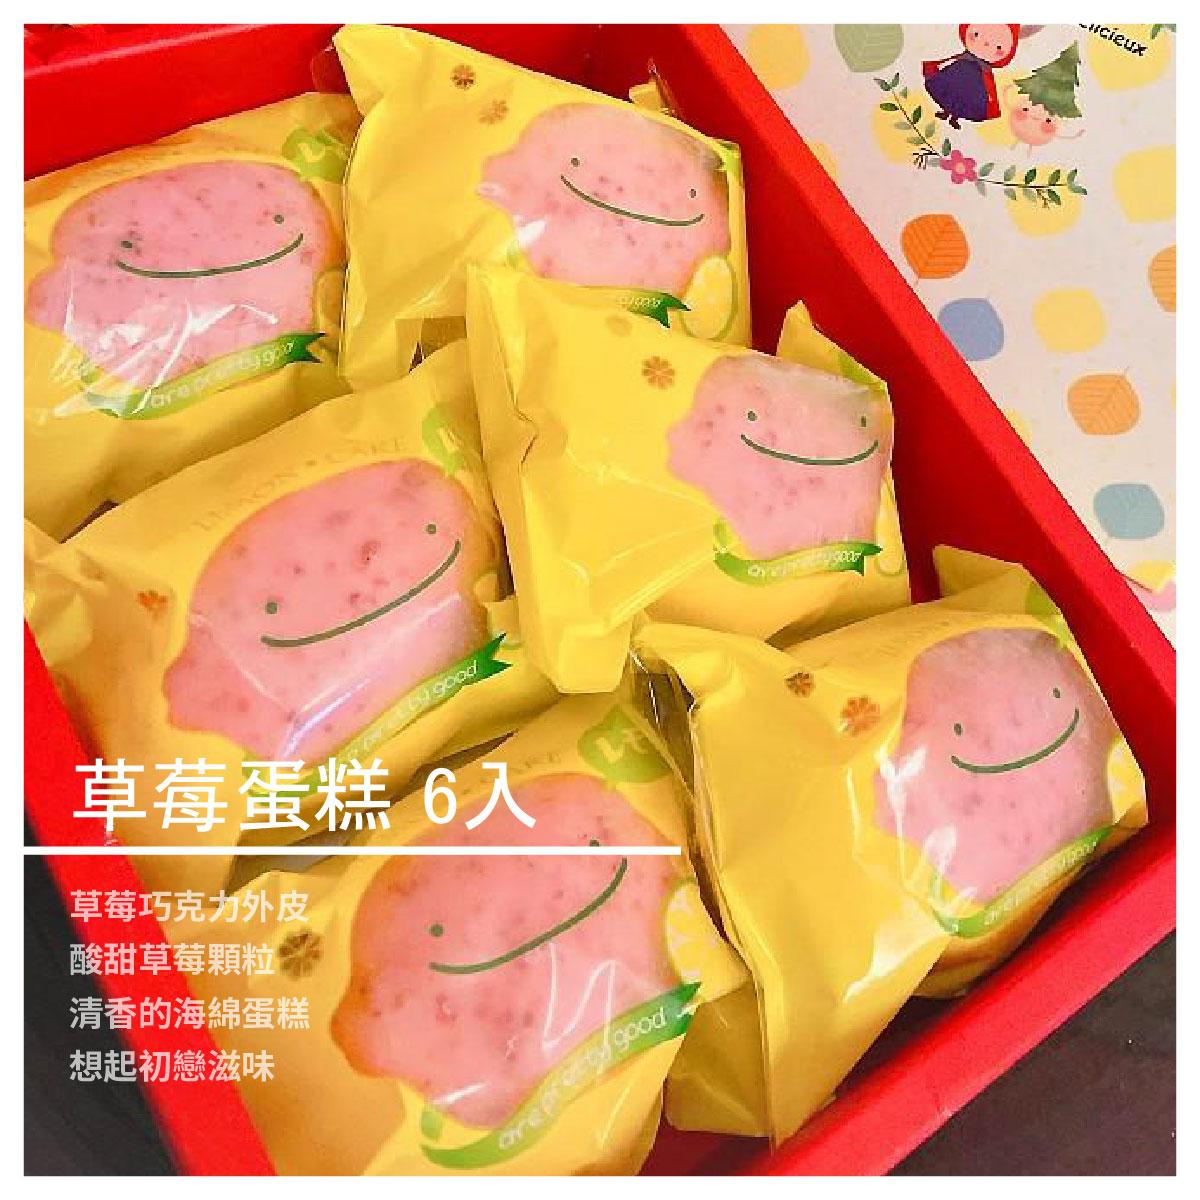 【美式口烘焙房】草莓蛋糕/6入